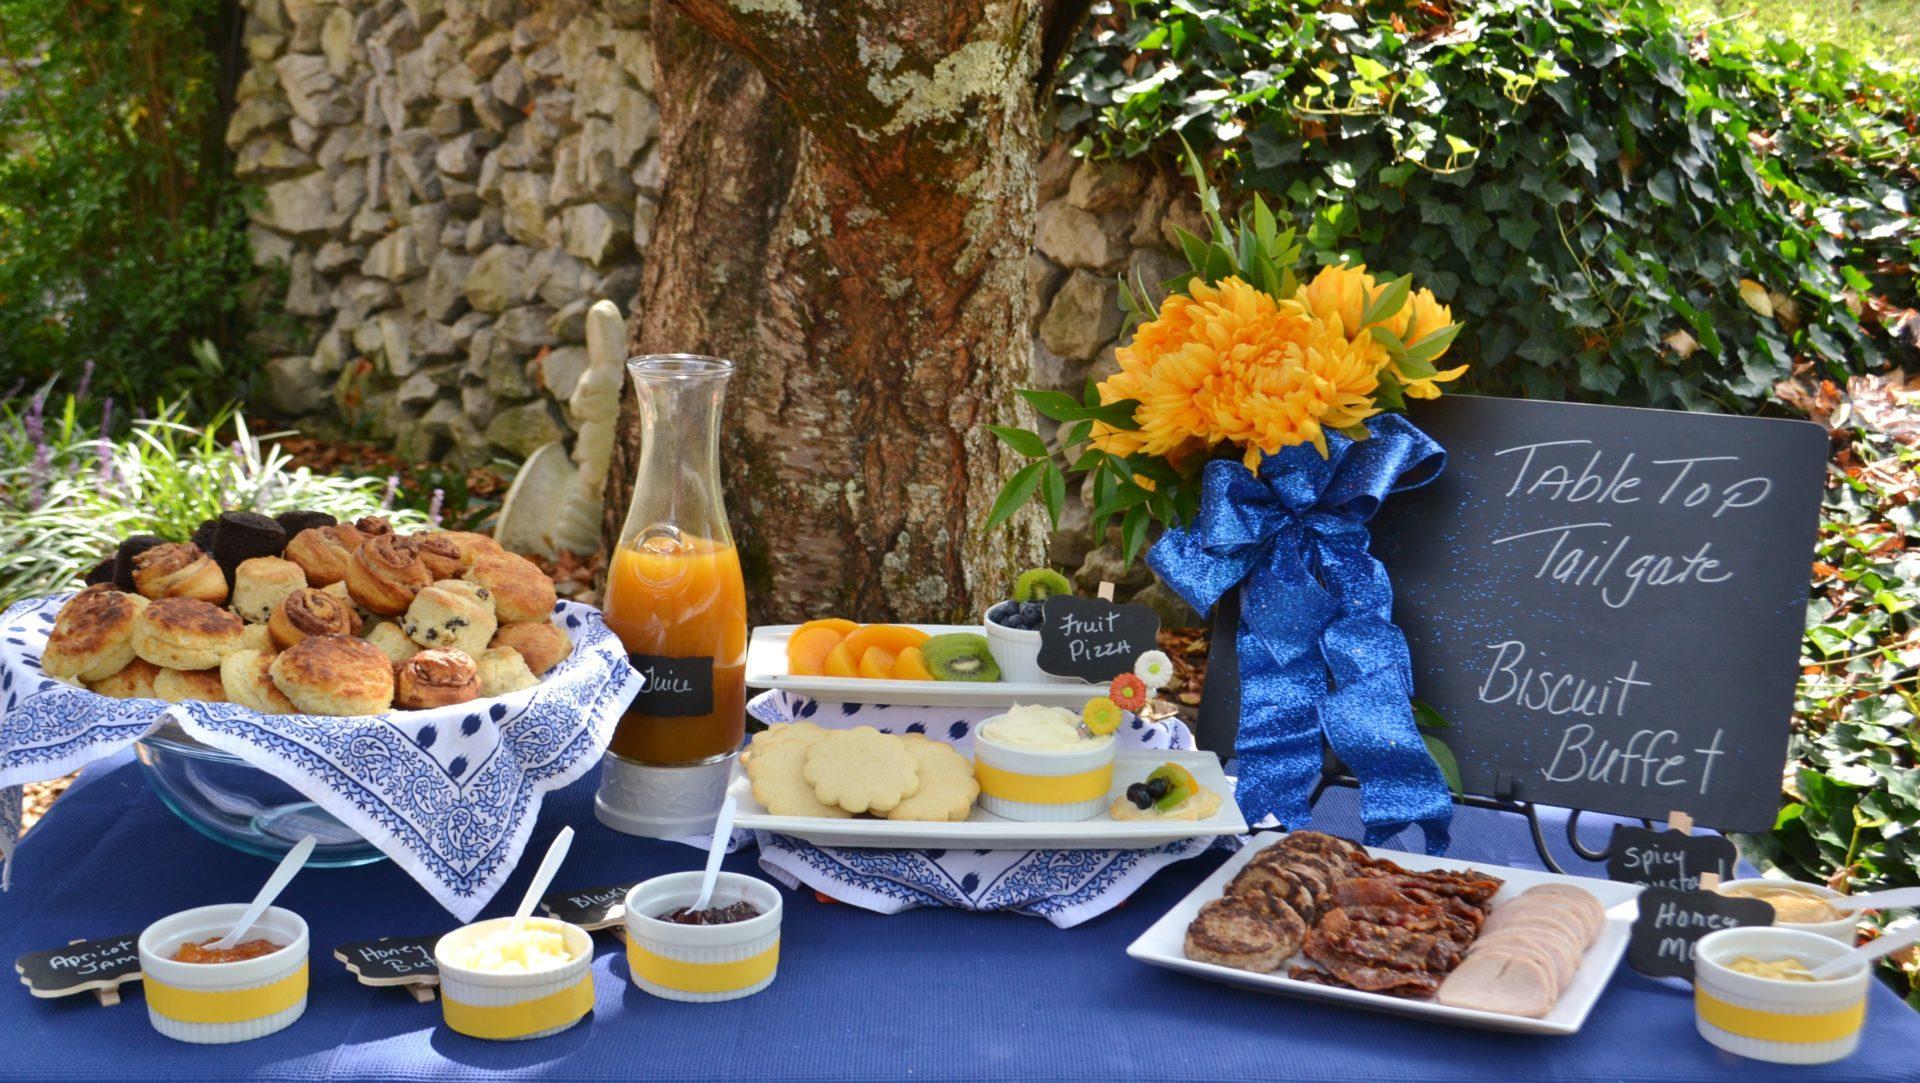 Blue & Gold Tabletop Tailgate-lizbushong.com